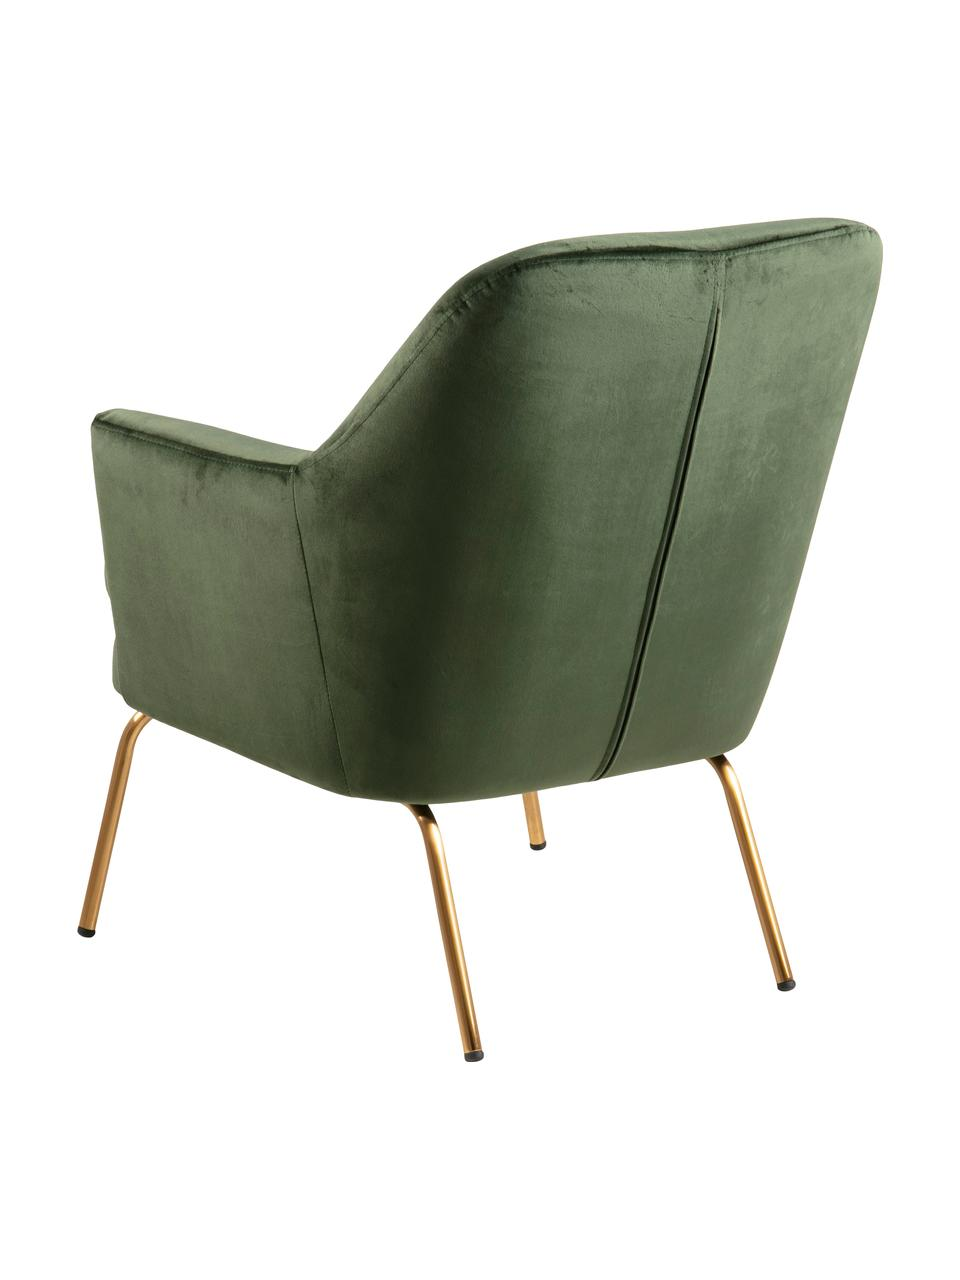 Fluwelen fauteuil Chisa in groen, Bekleding: polyester fluweel, Poten: gelakt metaal, Fluweel bosgroen, B 74 x D 73 cm